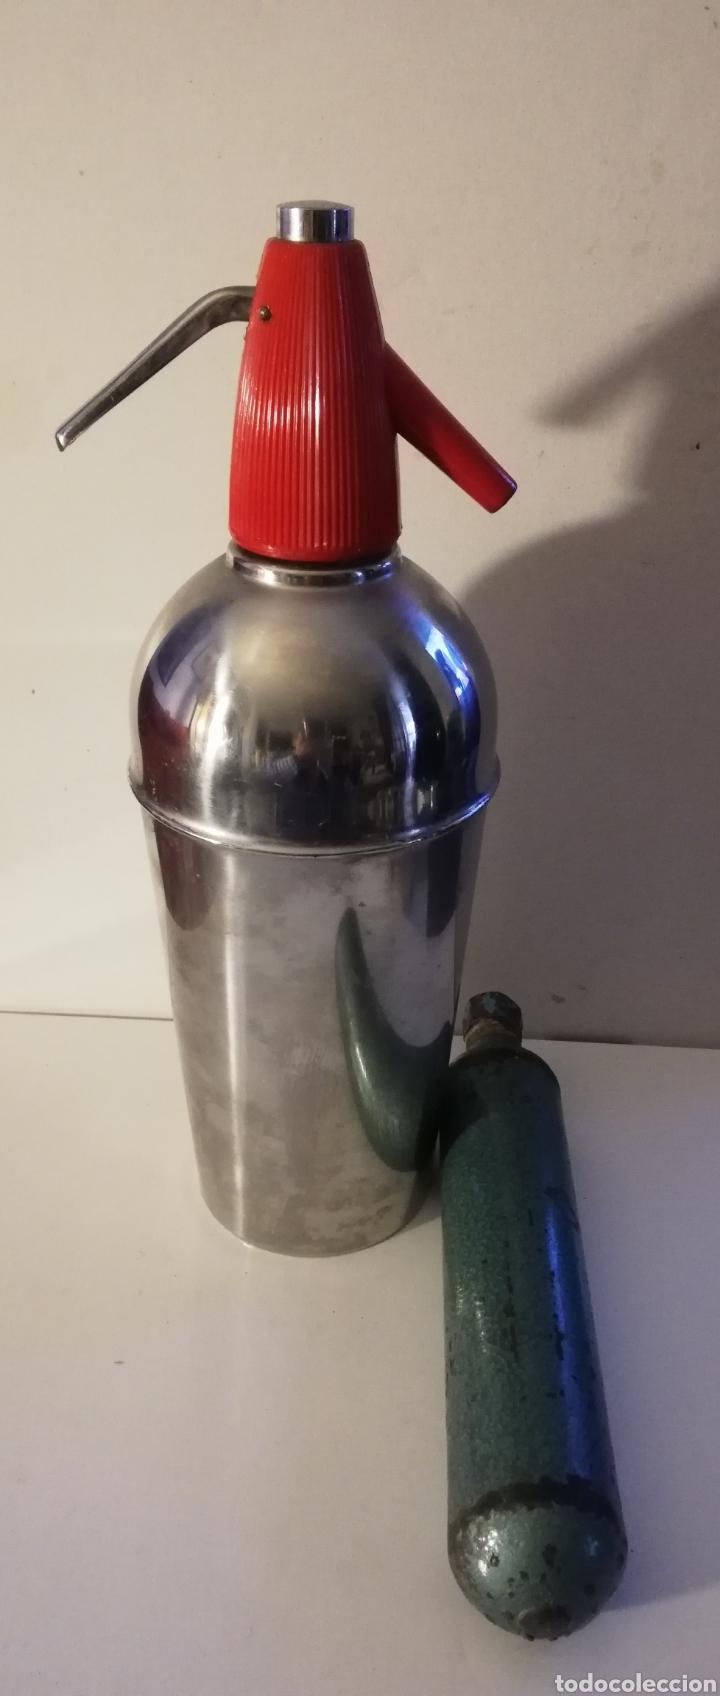 SIFON FUNCIONANDO FANFA (Coleccionismo - Otras Botellas y Bebidas )